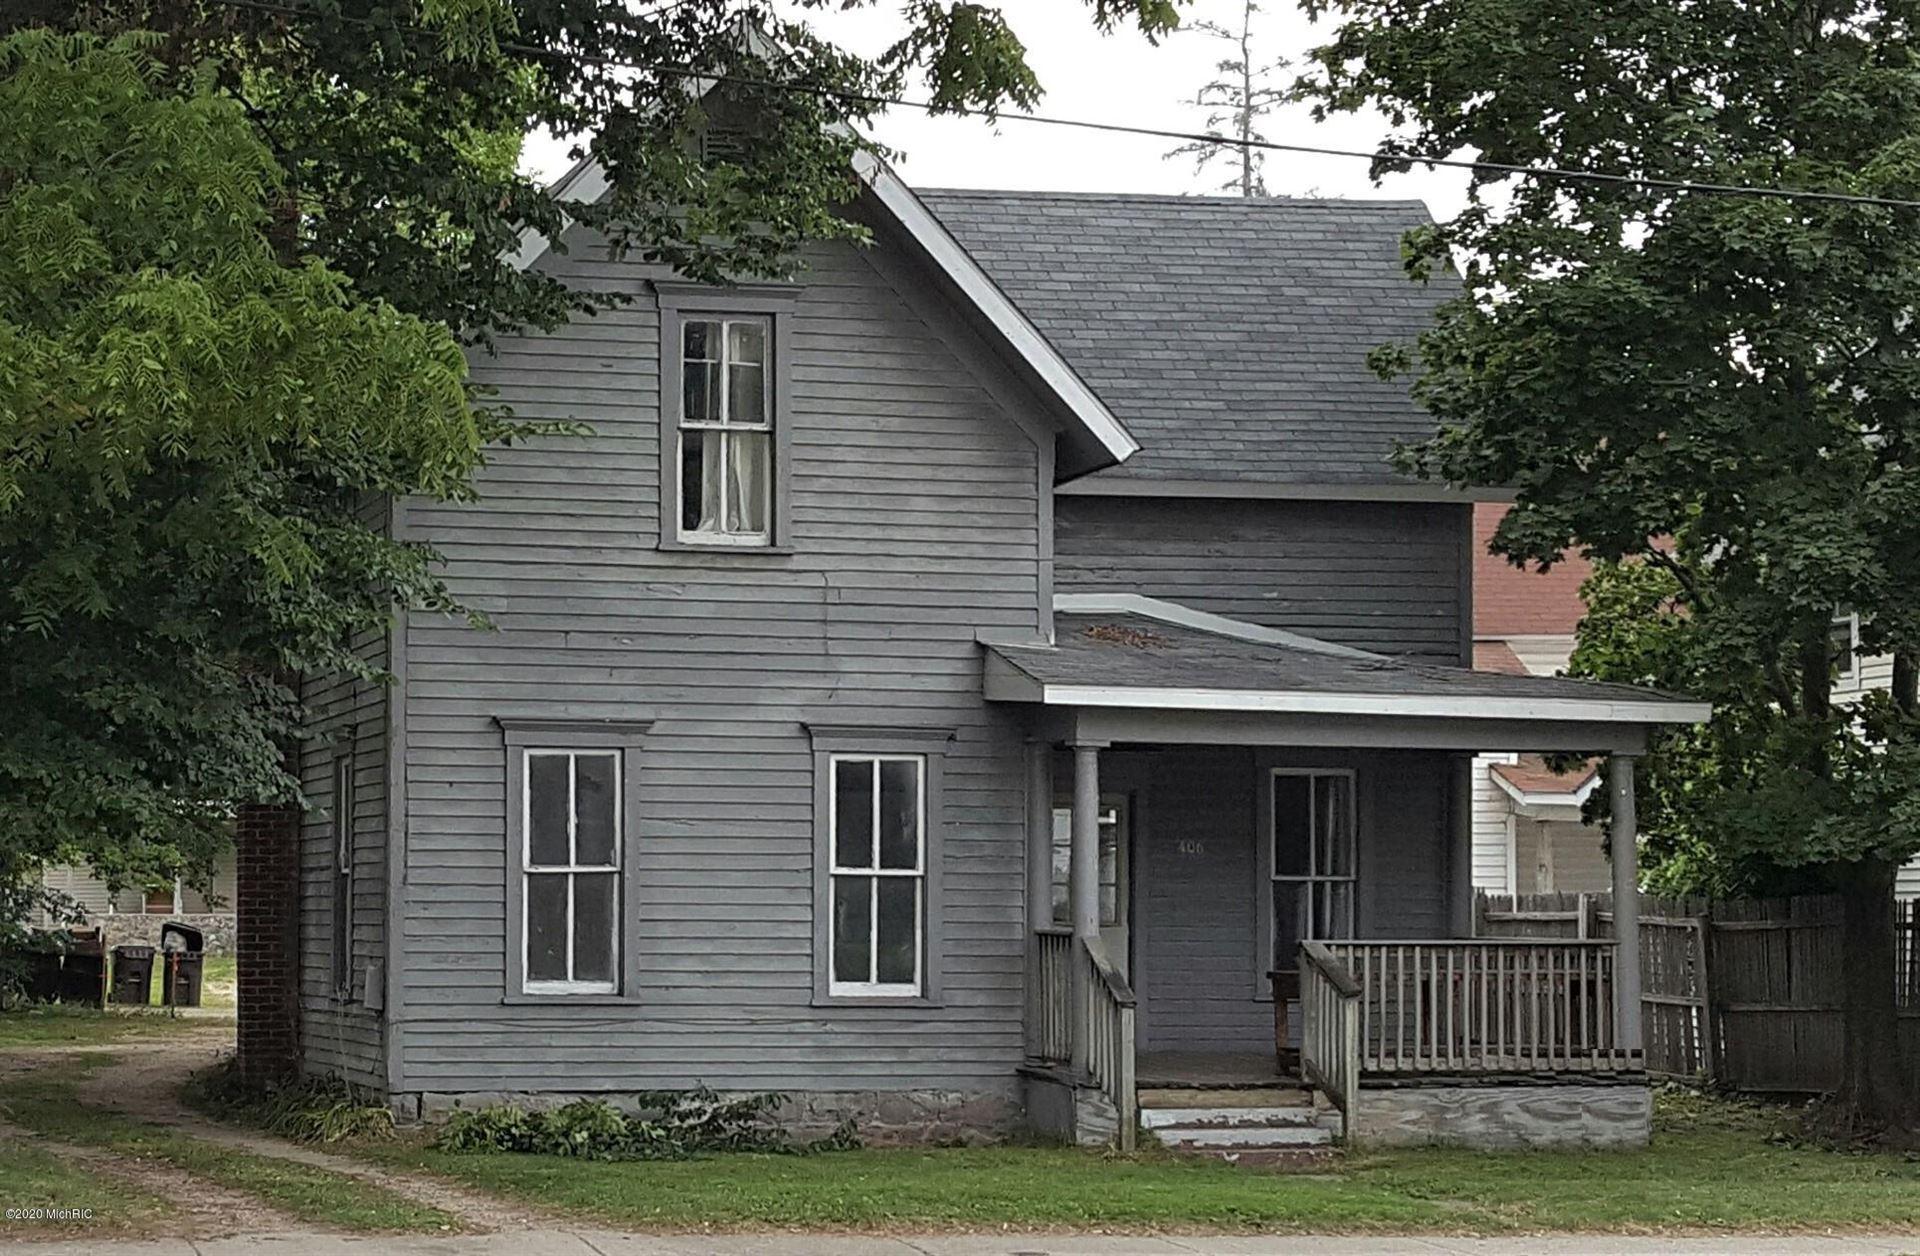 406 S State Street, Big Rapids, MI 49307 - MLS#: 20037924